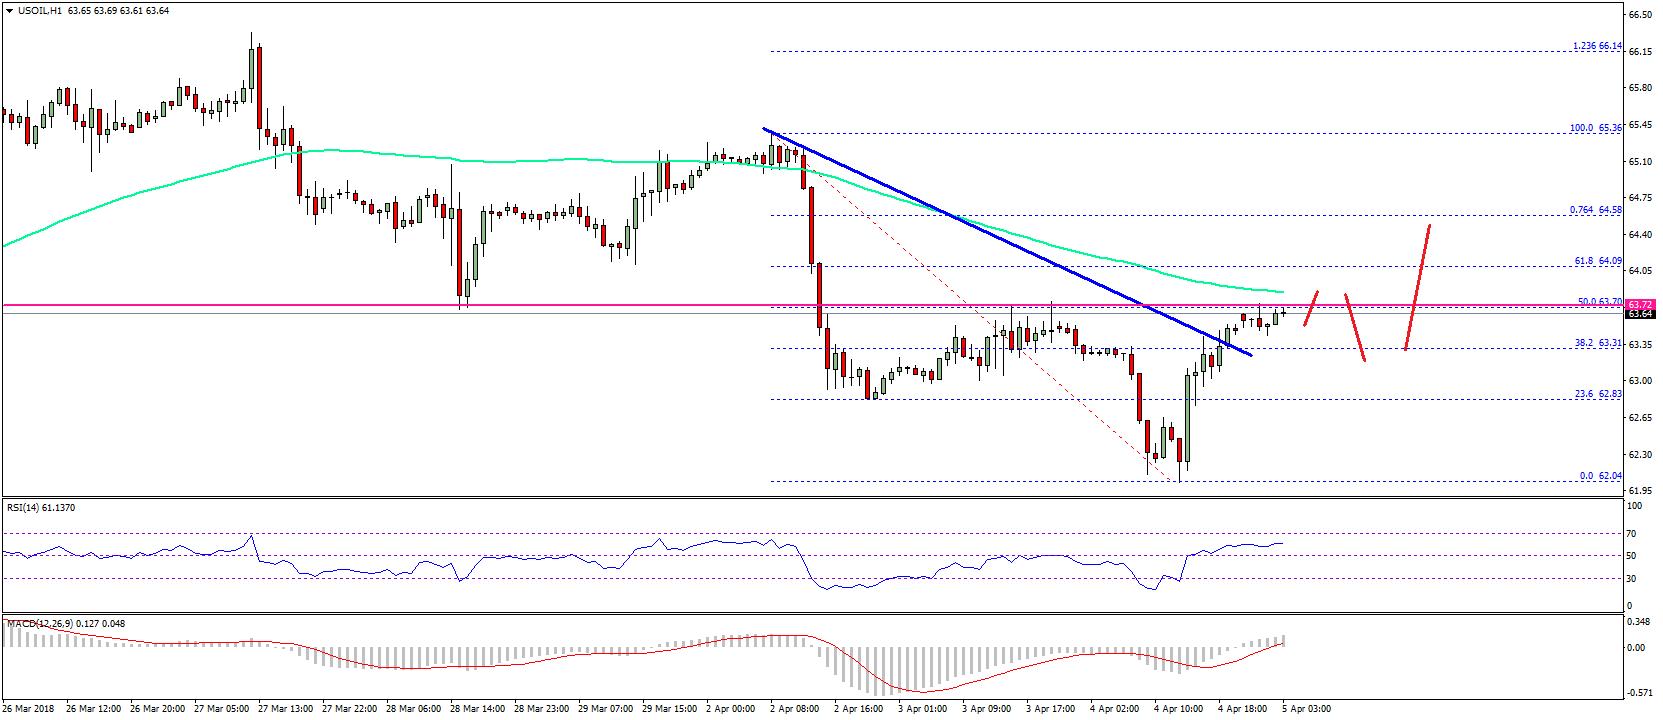 Oil Price Chart | ForexGator com